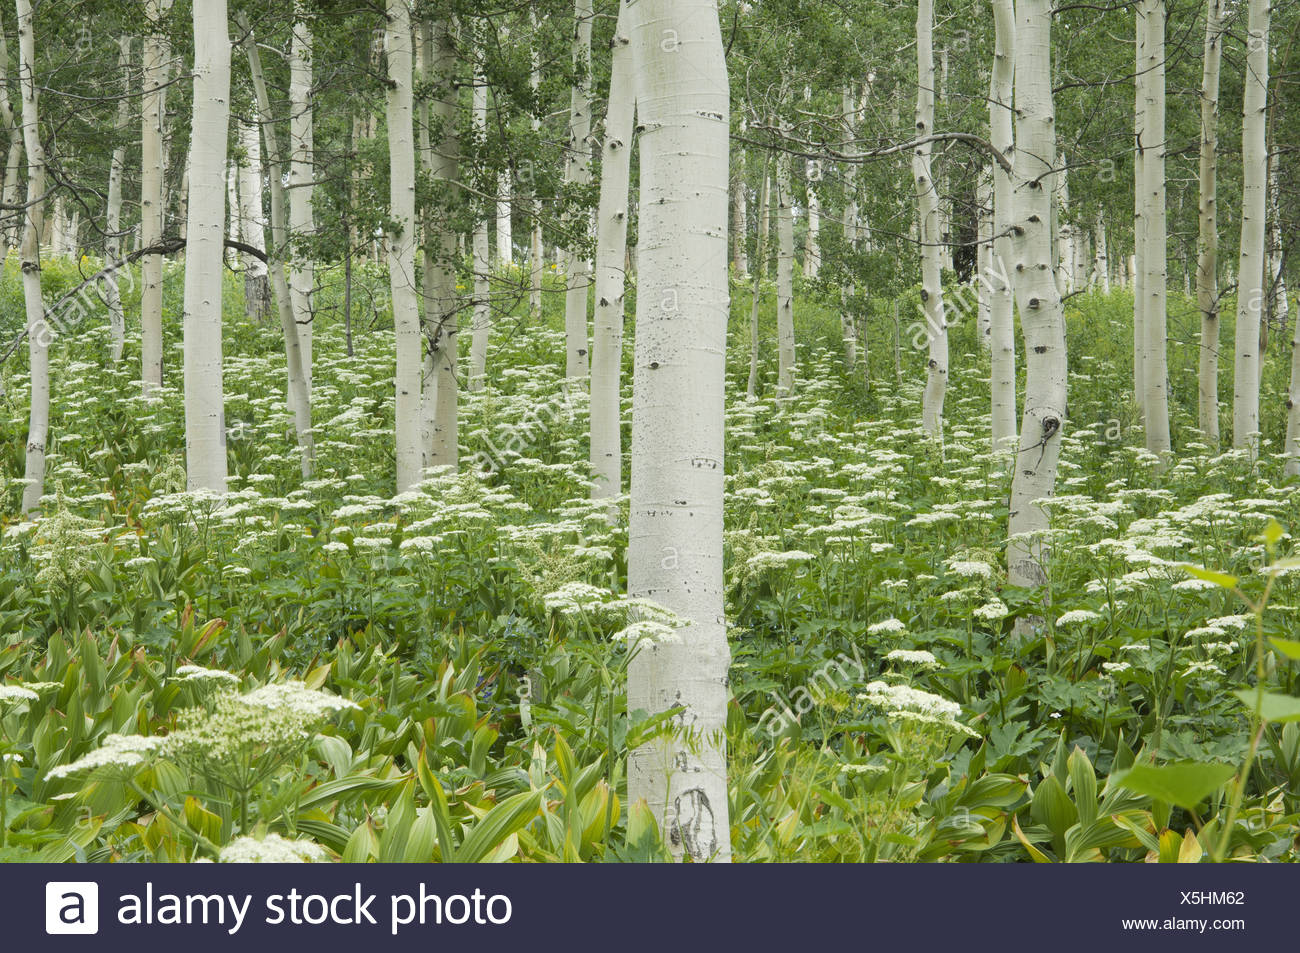 Aspen Baumgruppe Mit Weißen Rinde Und Wilde Blumen Wachsen In Ihrem